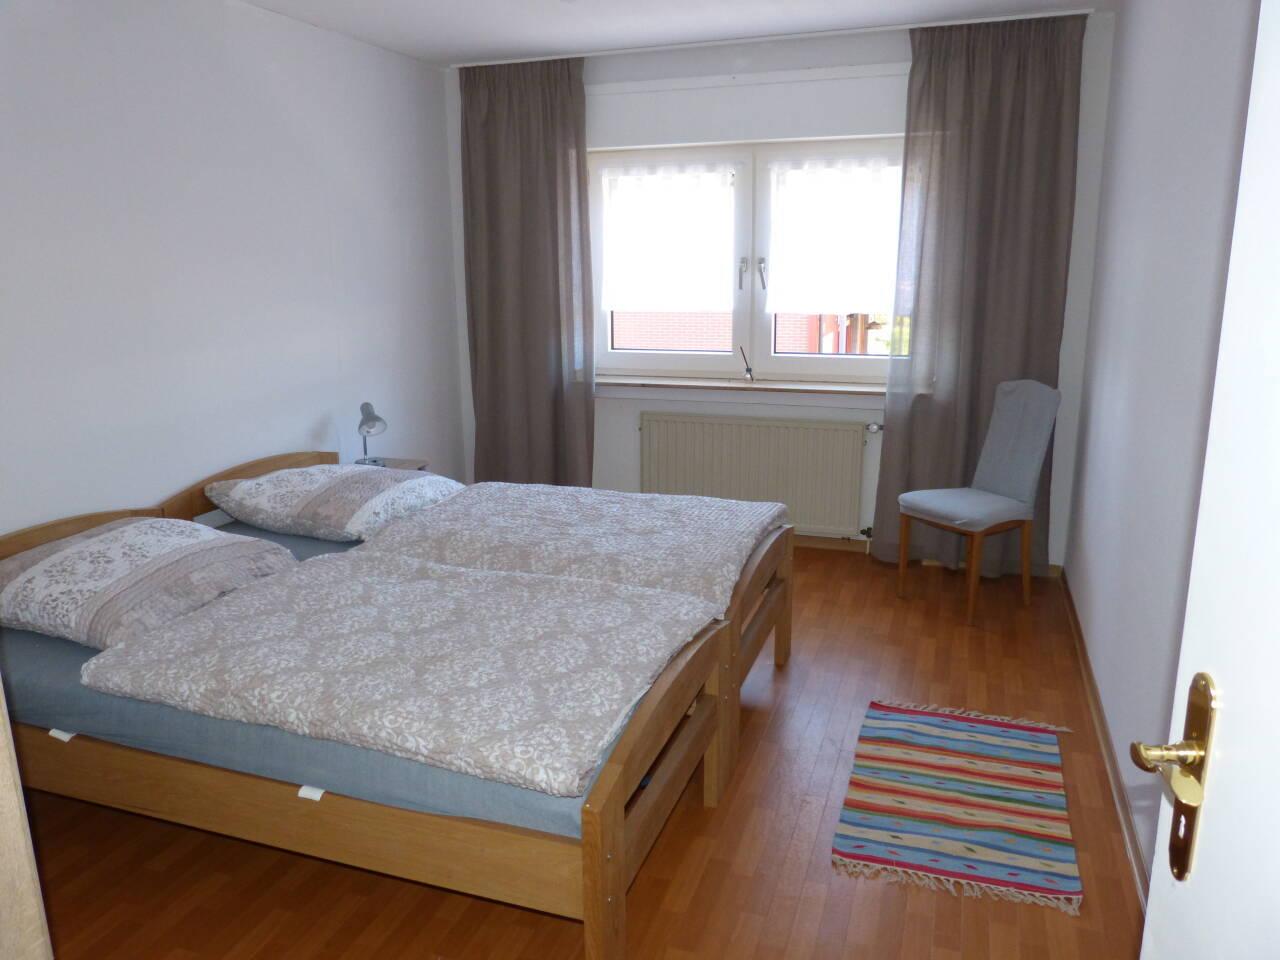 Im Schlafzimmer sind zwei Einzelbetten vorhanden. Auf Wunsch gestalten wir diese vor Ihrer Anreise mit einer